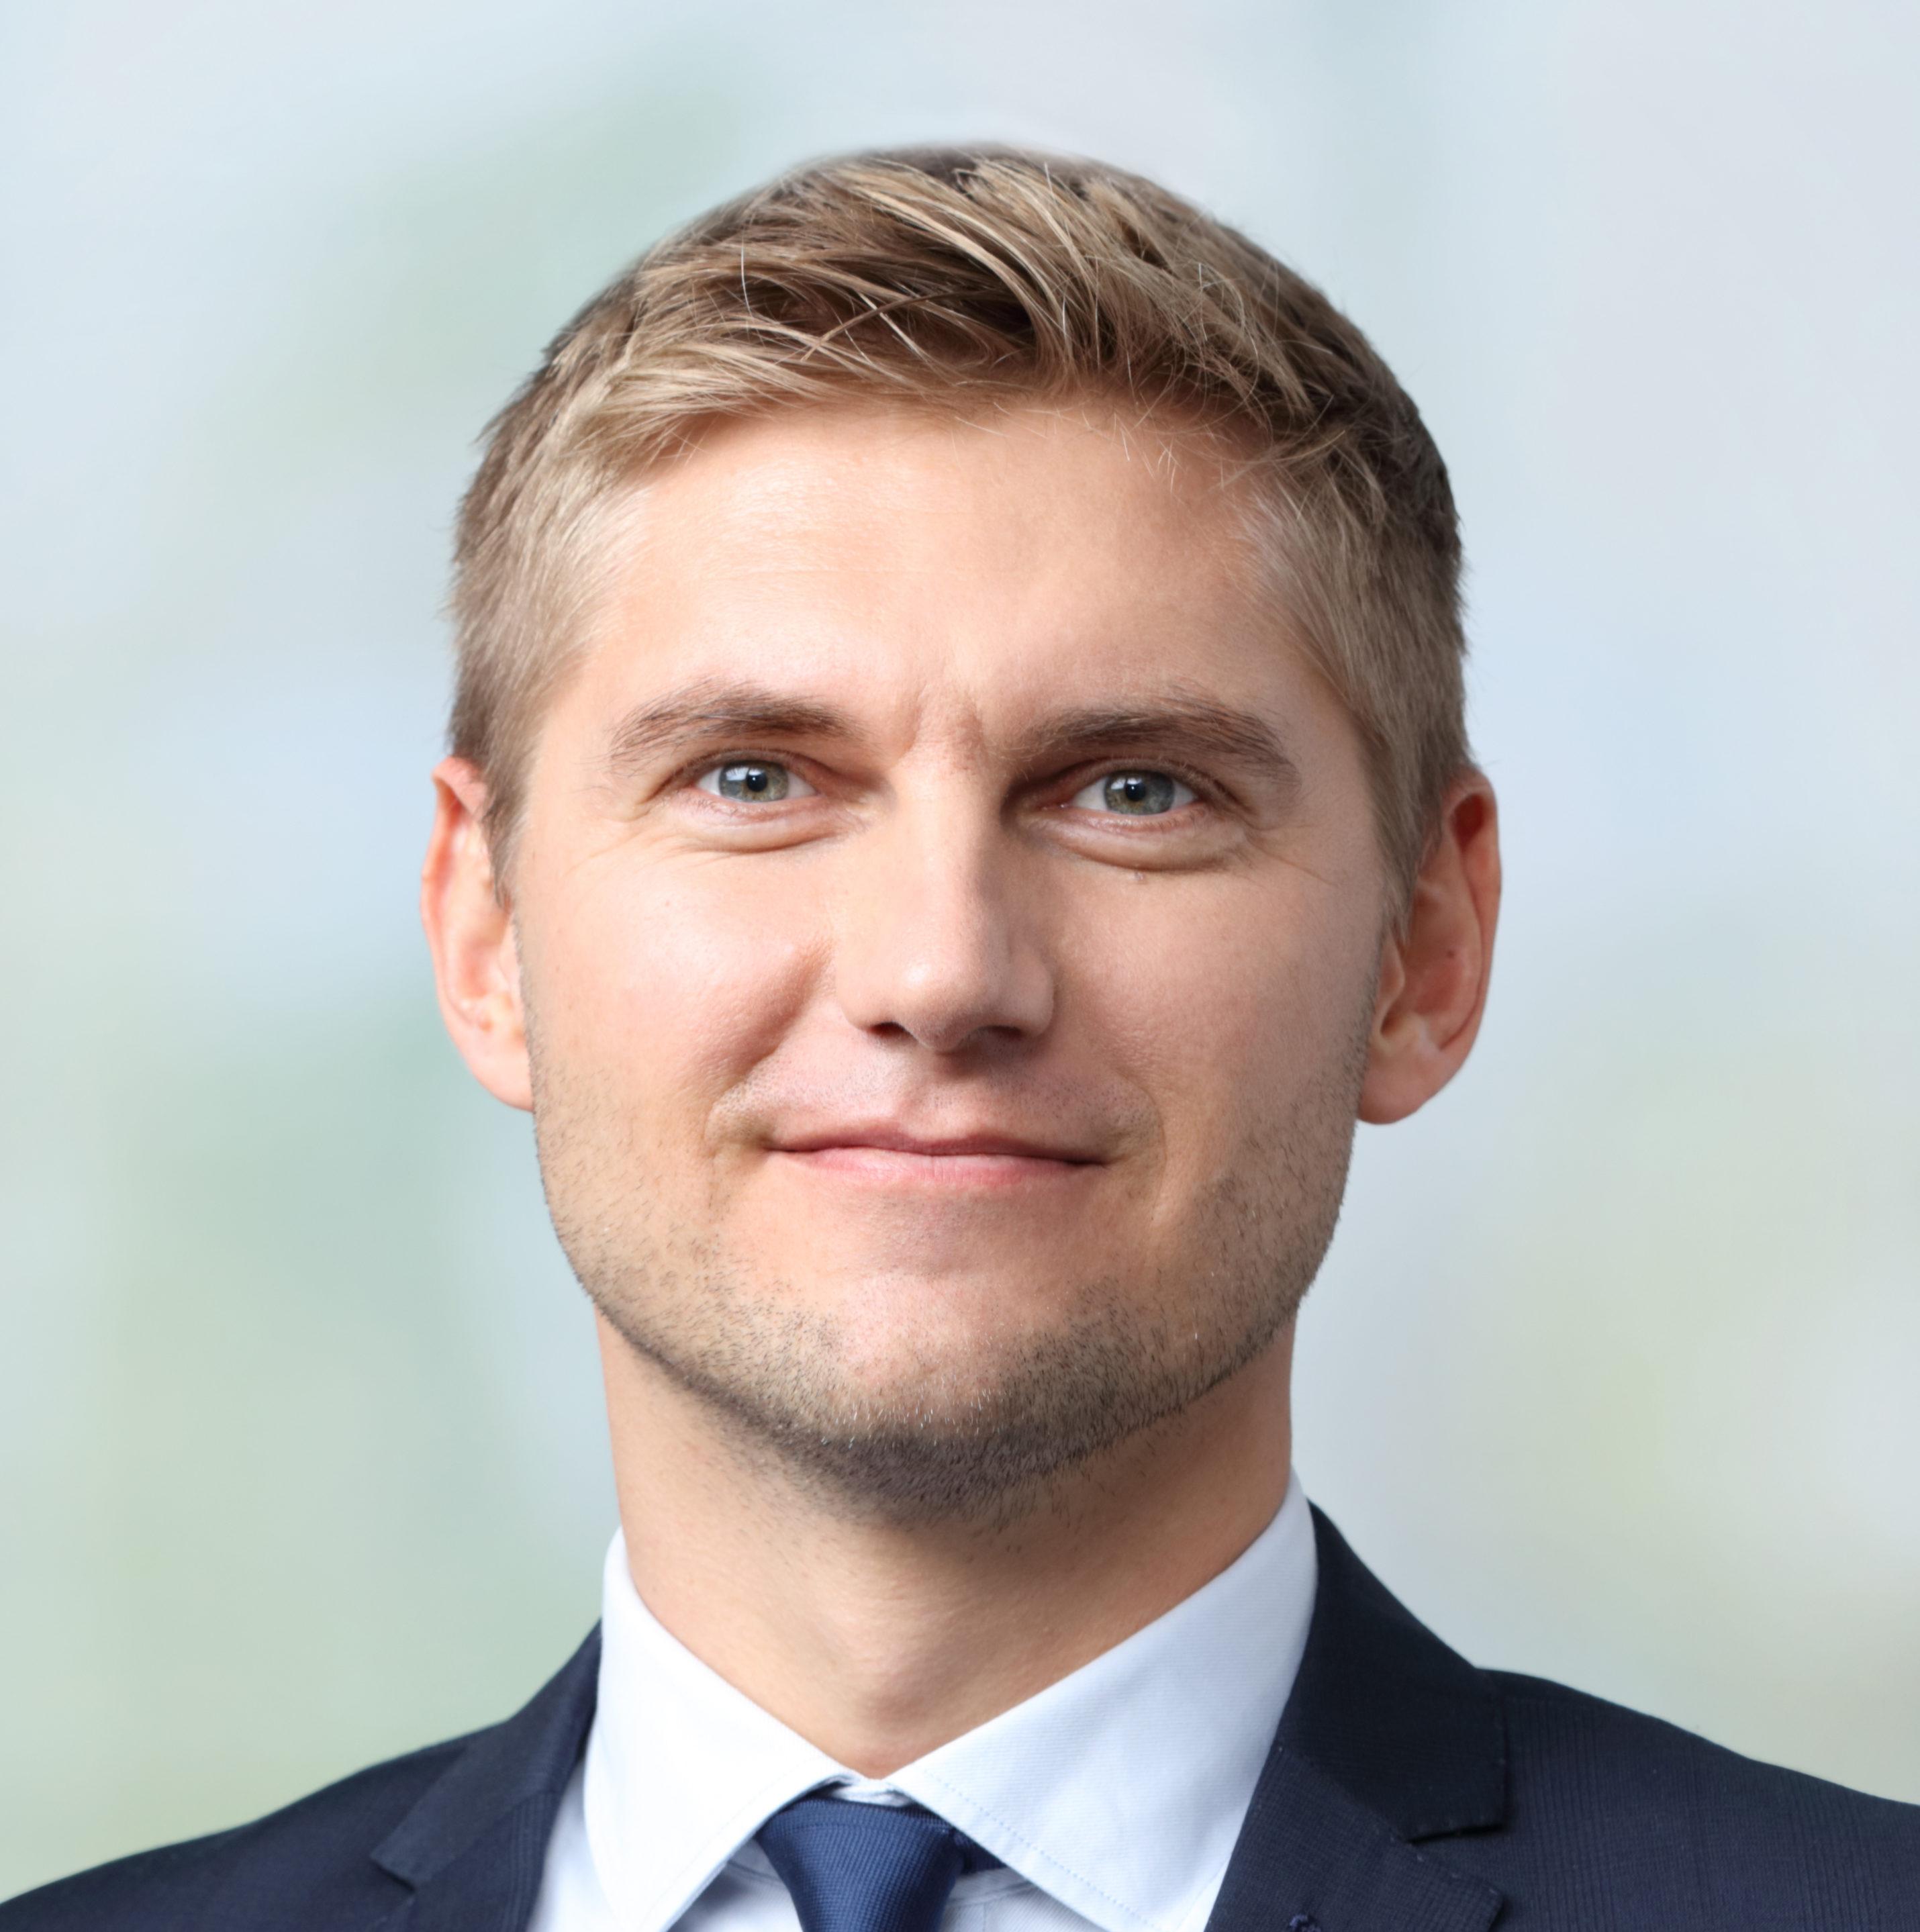 Daniel Oponowicz